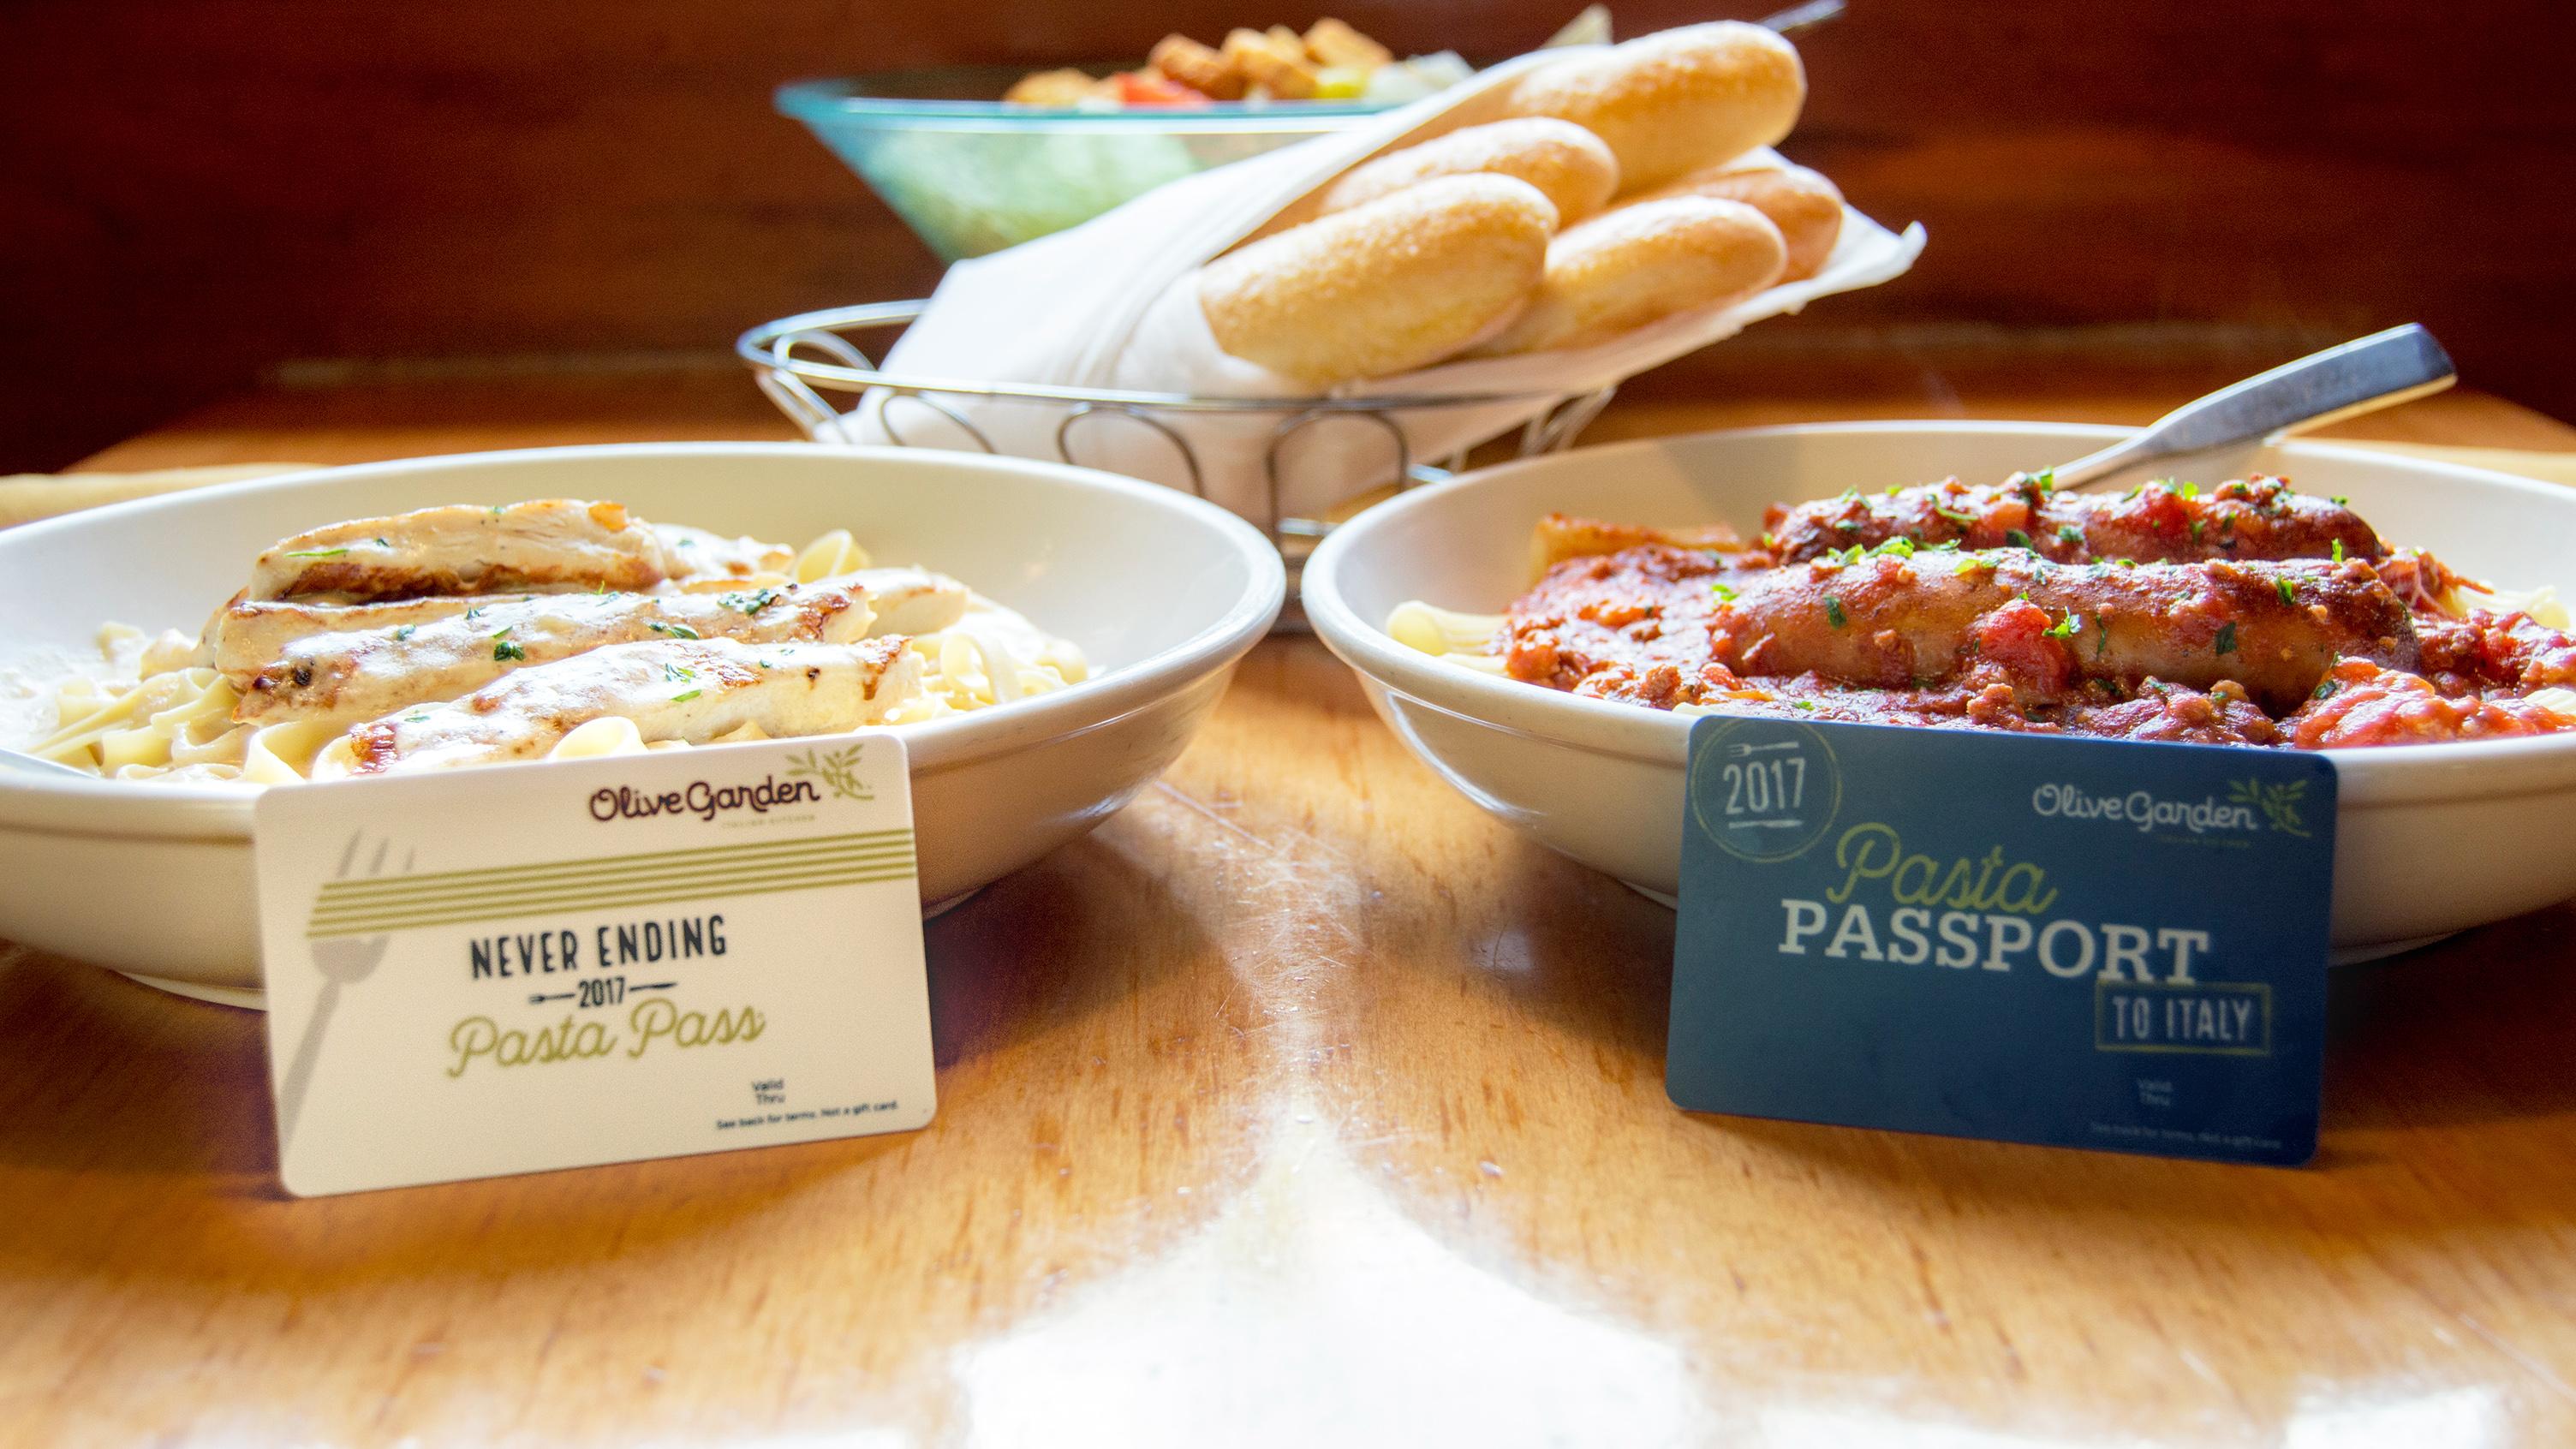 olive gardens never ending pasta pass returns - Olive Garden Rochester Ny